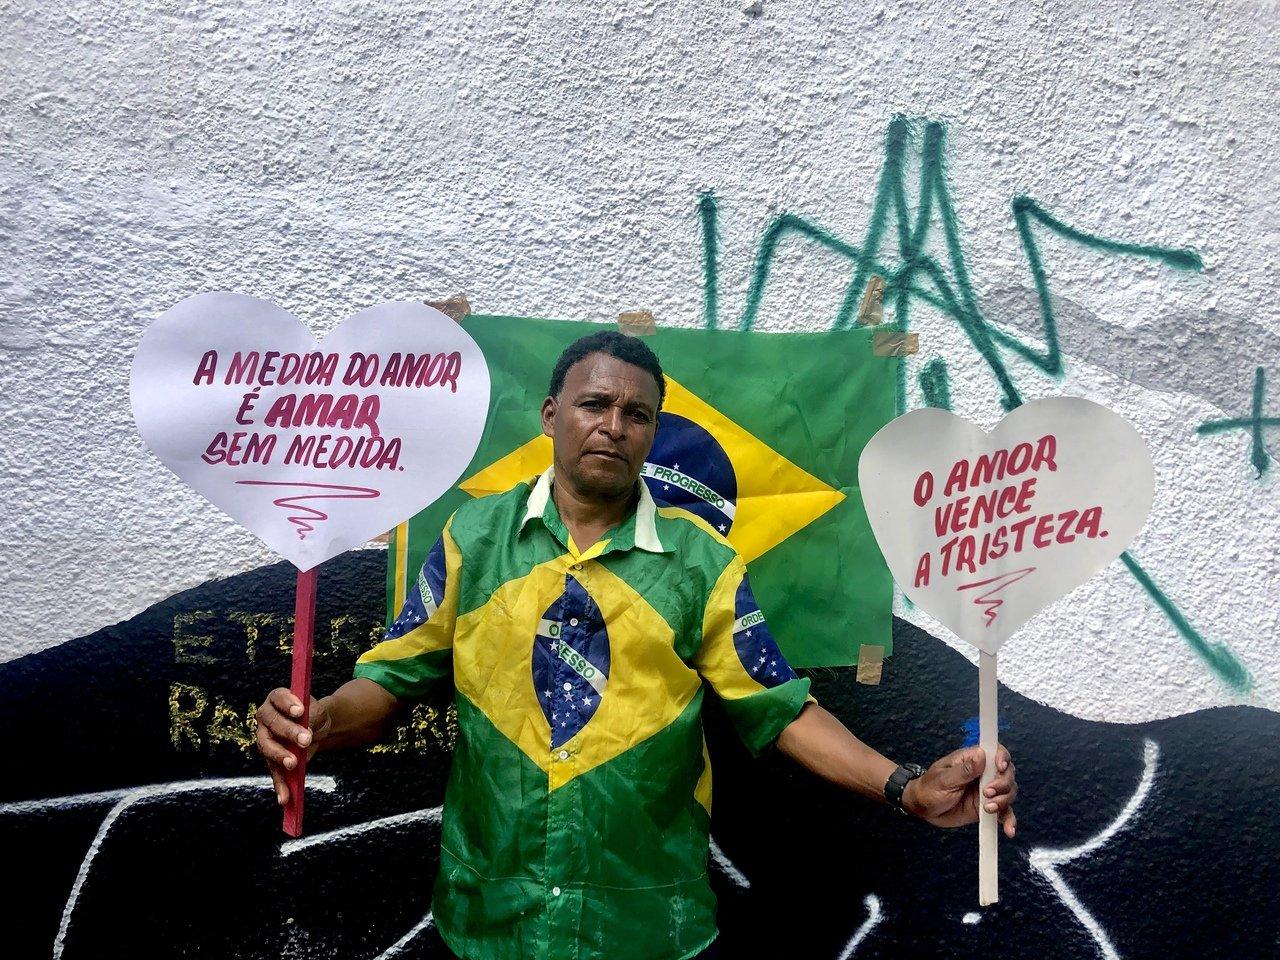 Um homem de cerca de 60 anos vestindo uma camiseta com a bandeira do Brasil e segurando dois corações de papel